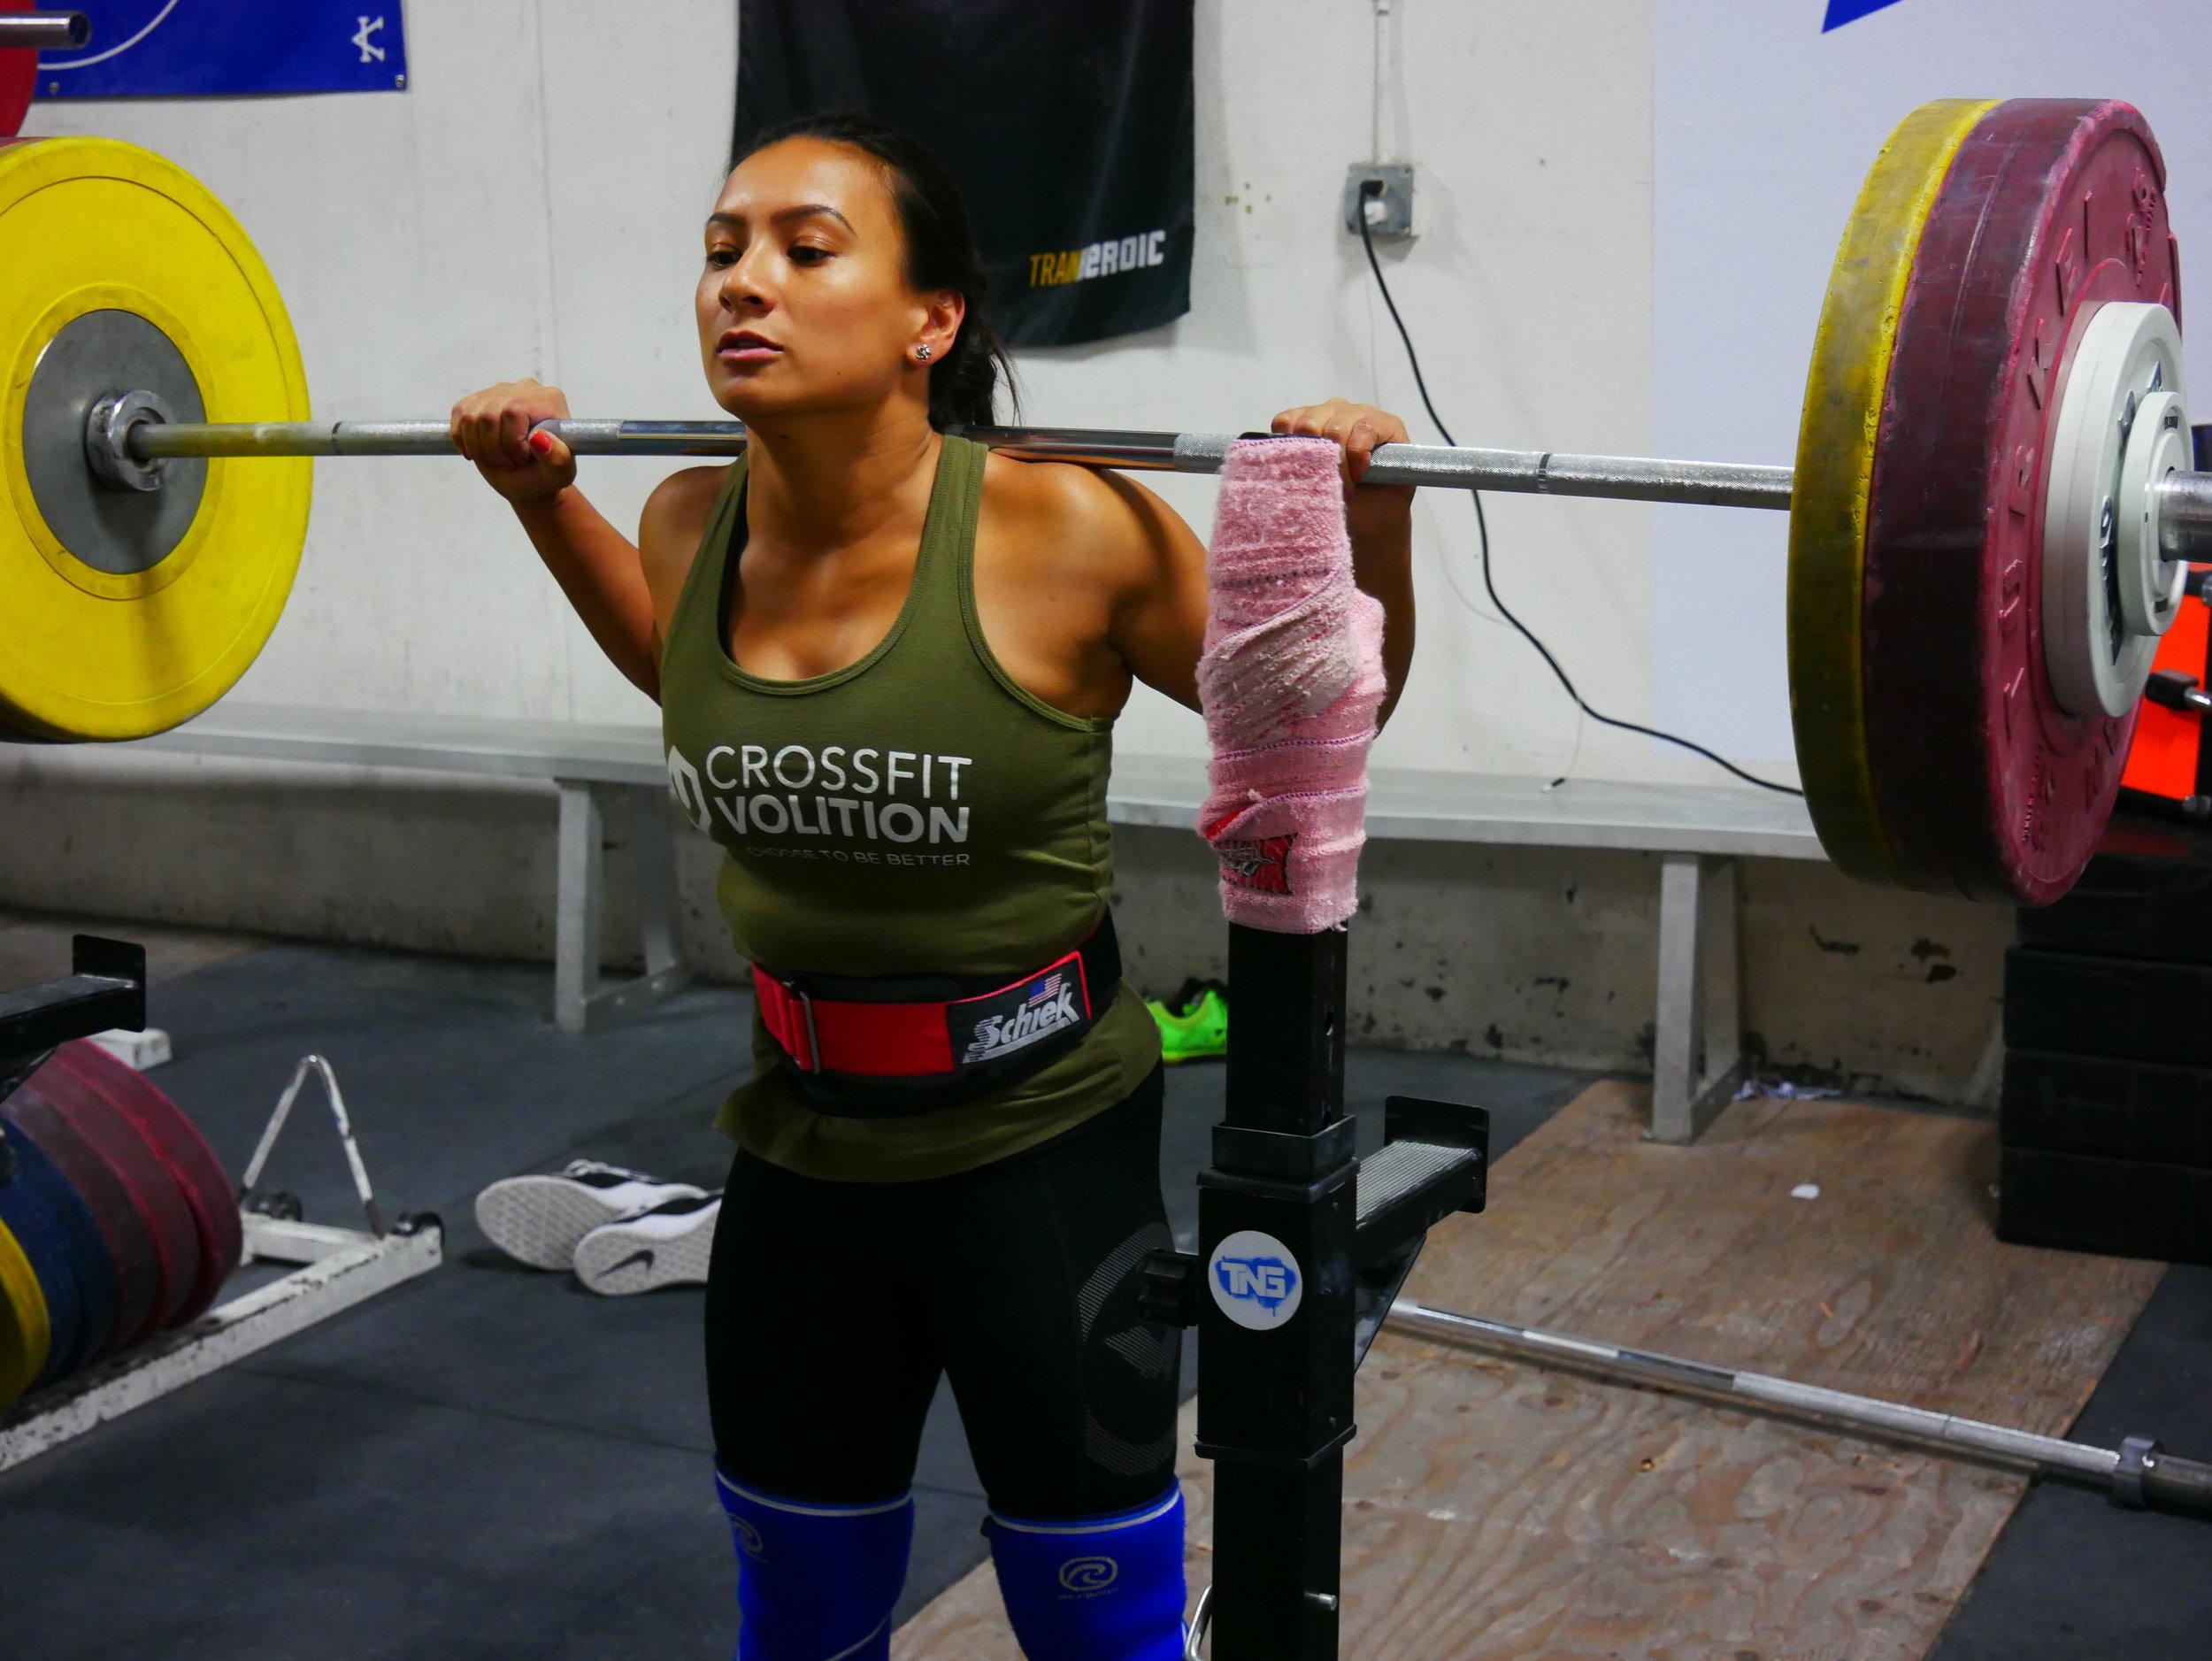 Nicole Squat